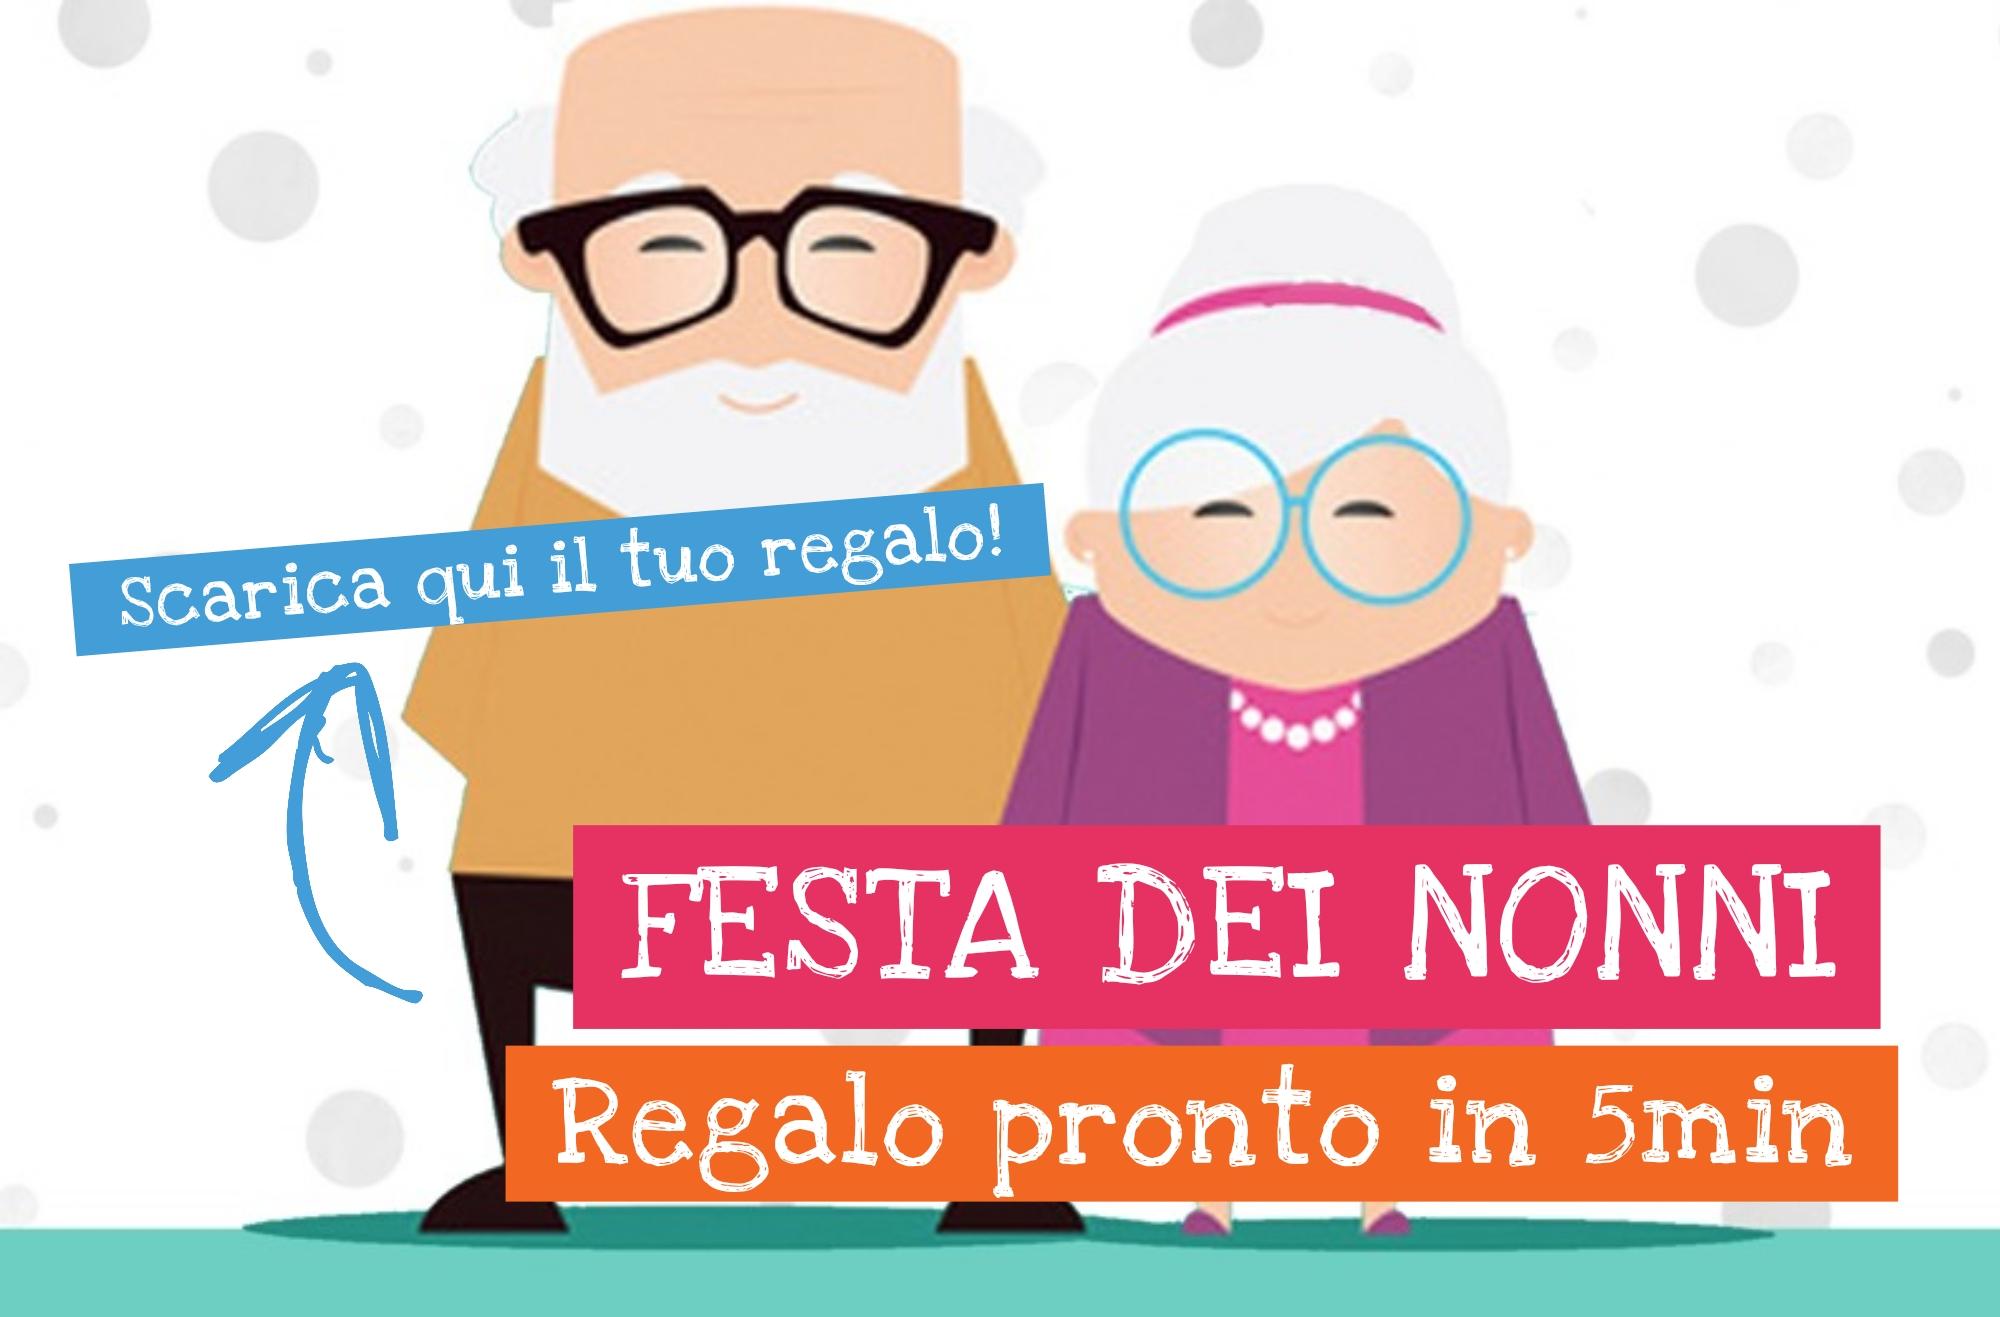 Festa dei nonni regalo gratis diventare mamma for Regalo libri gratis